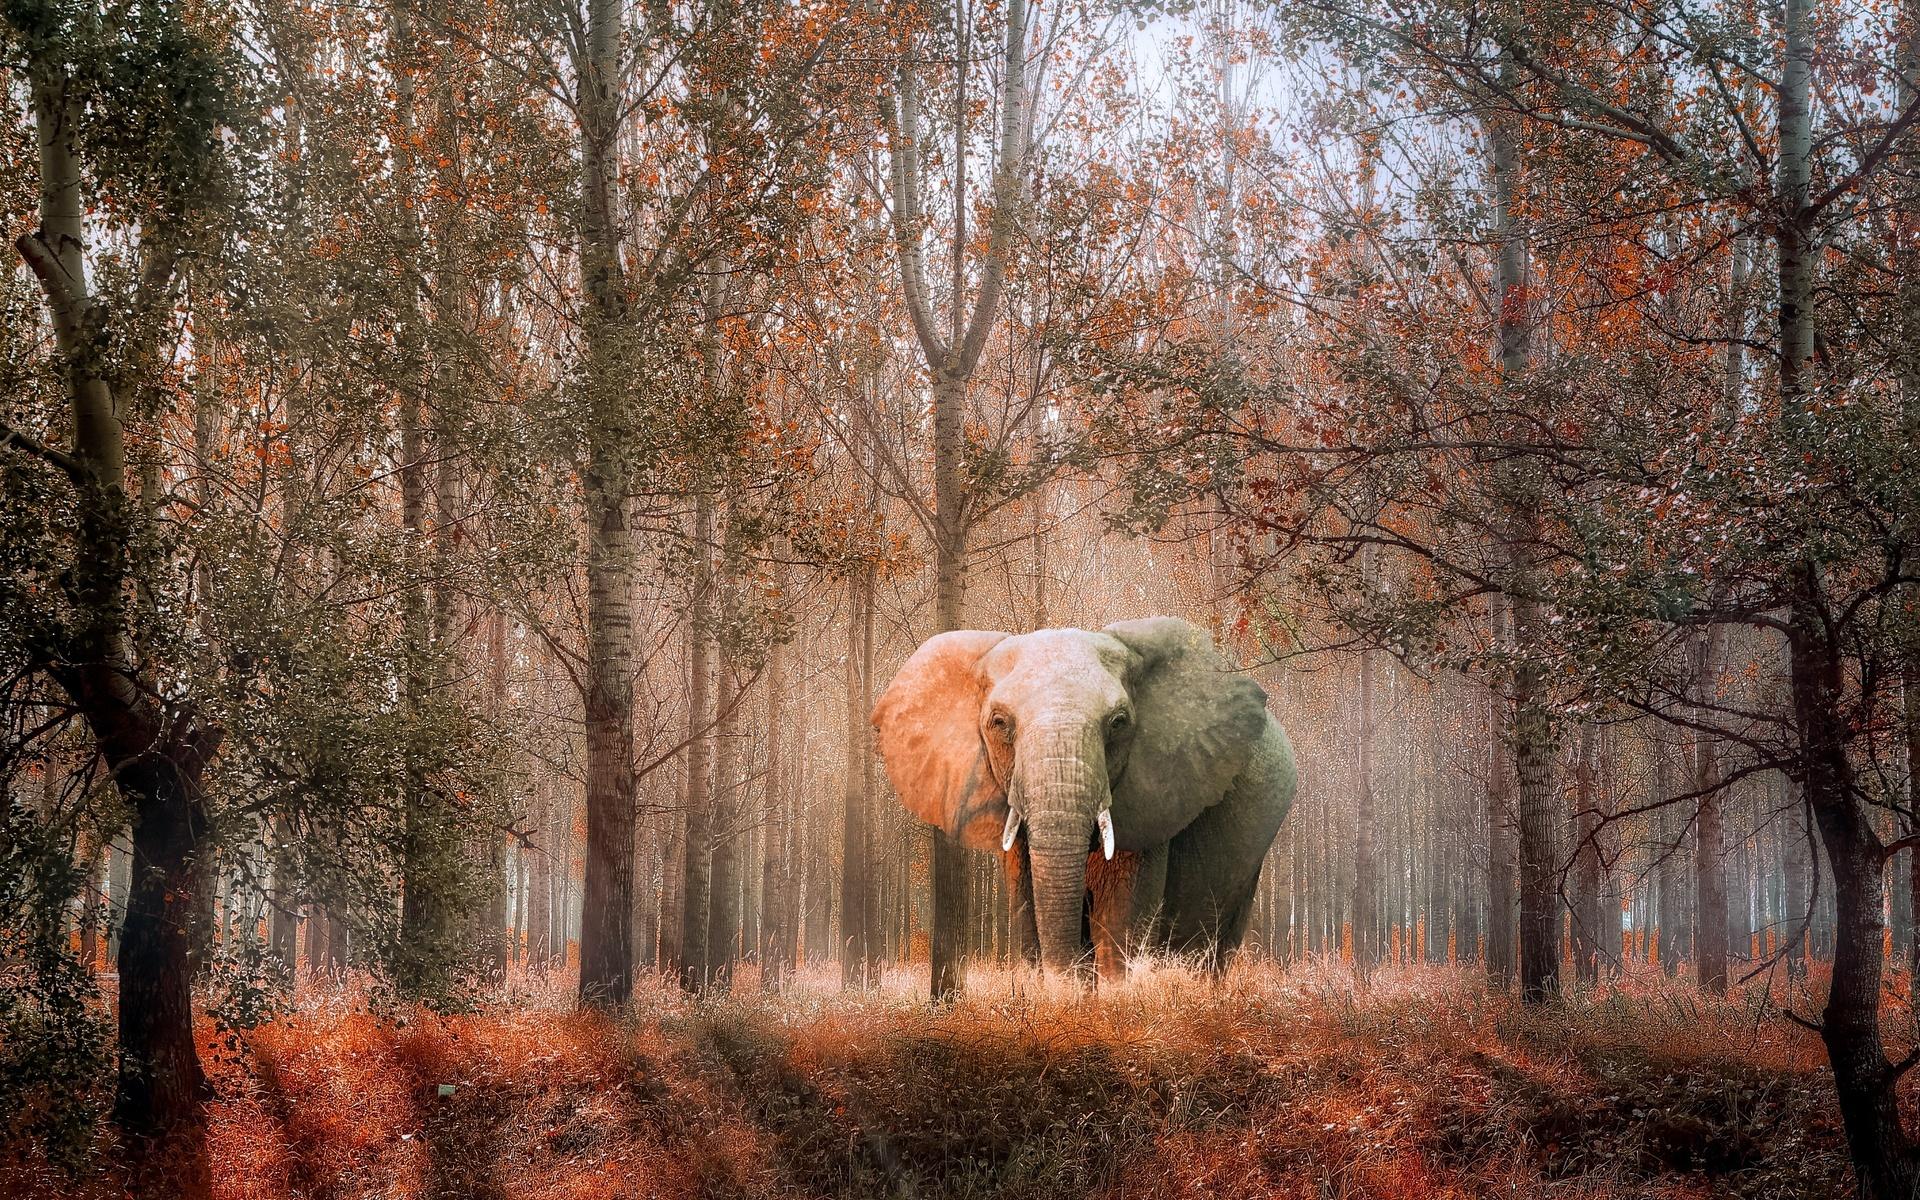 слон, лес, осень, фотошоп